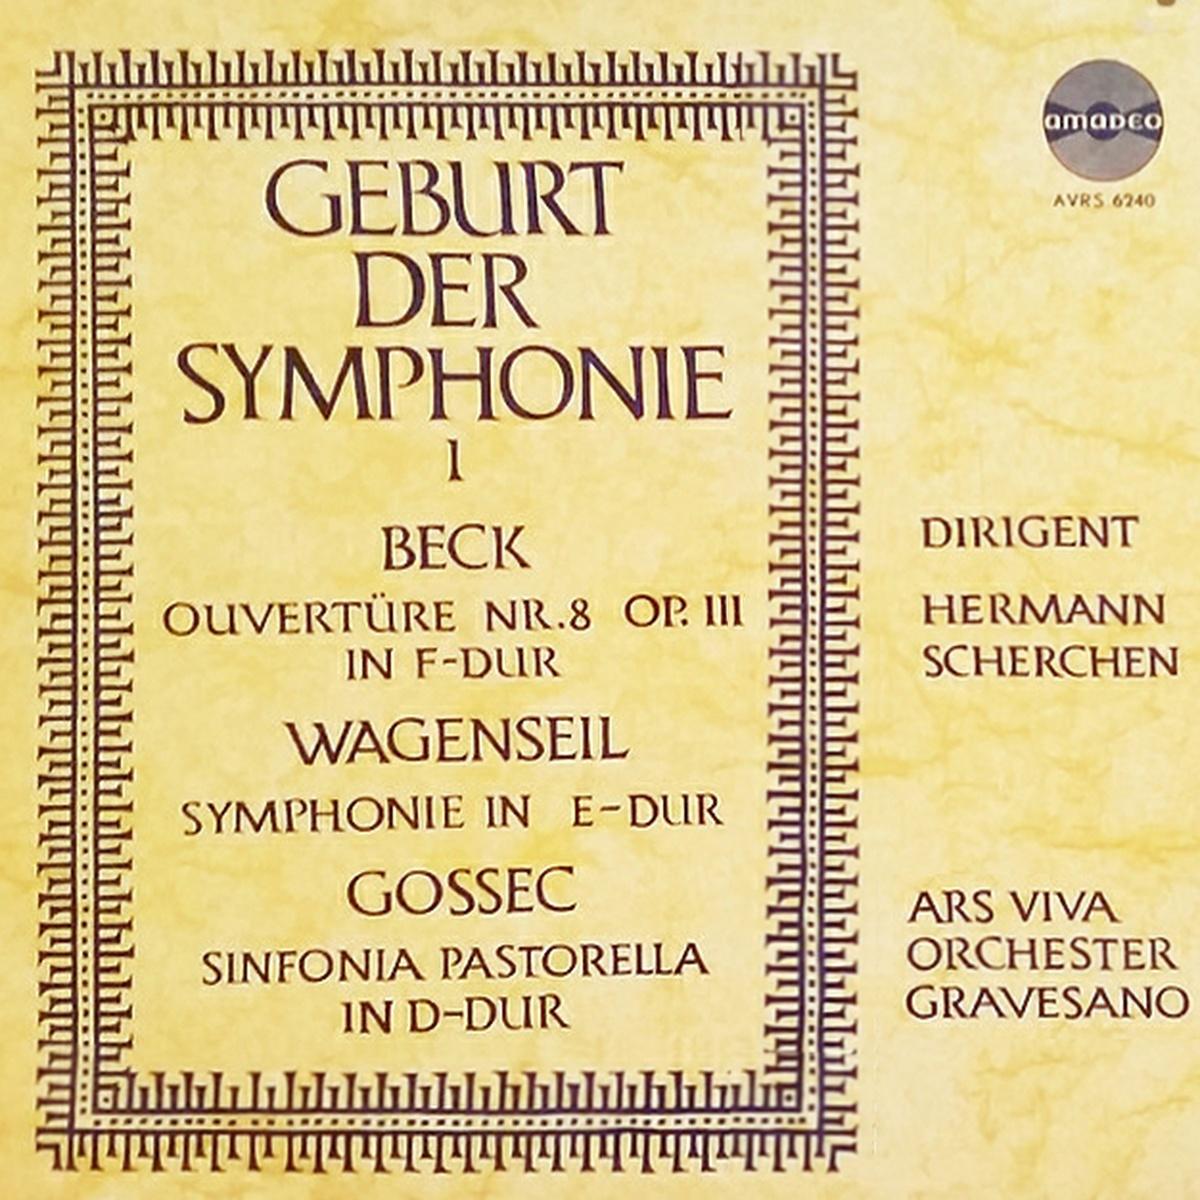 Recto de la pochette du disque Amadeo AVRS 6240, 1er volume de «Geburt der Symphonie»